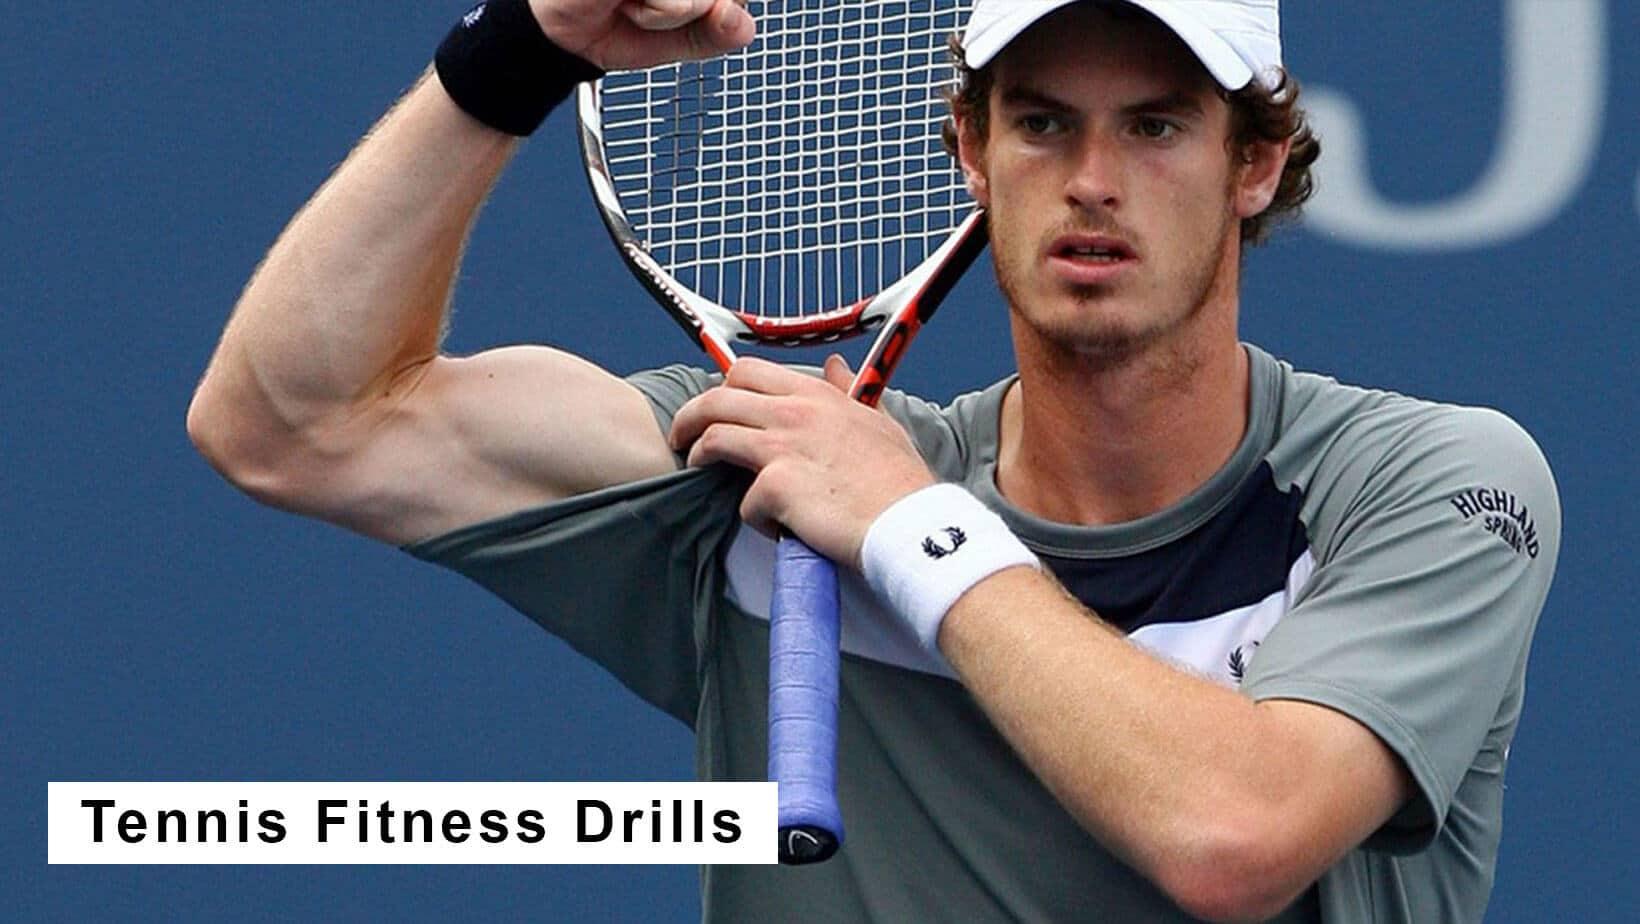 tennis fitness drills